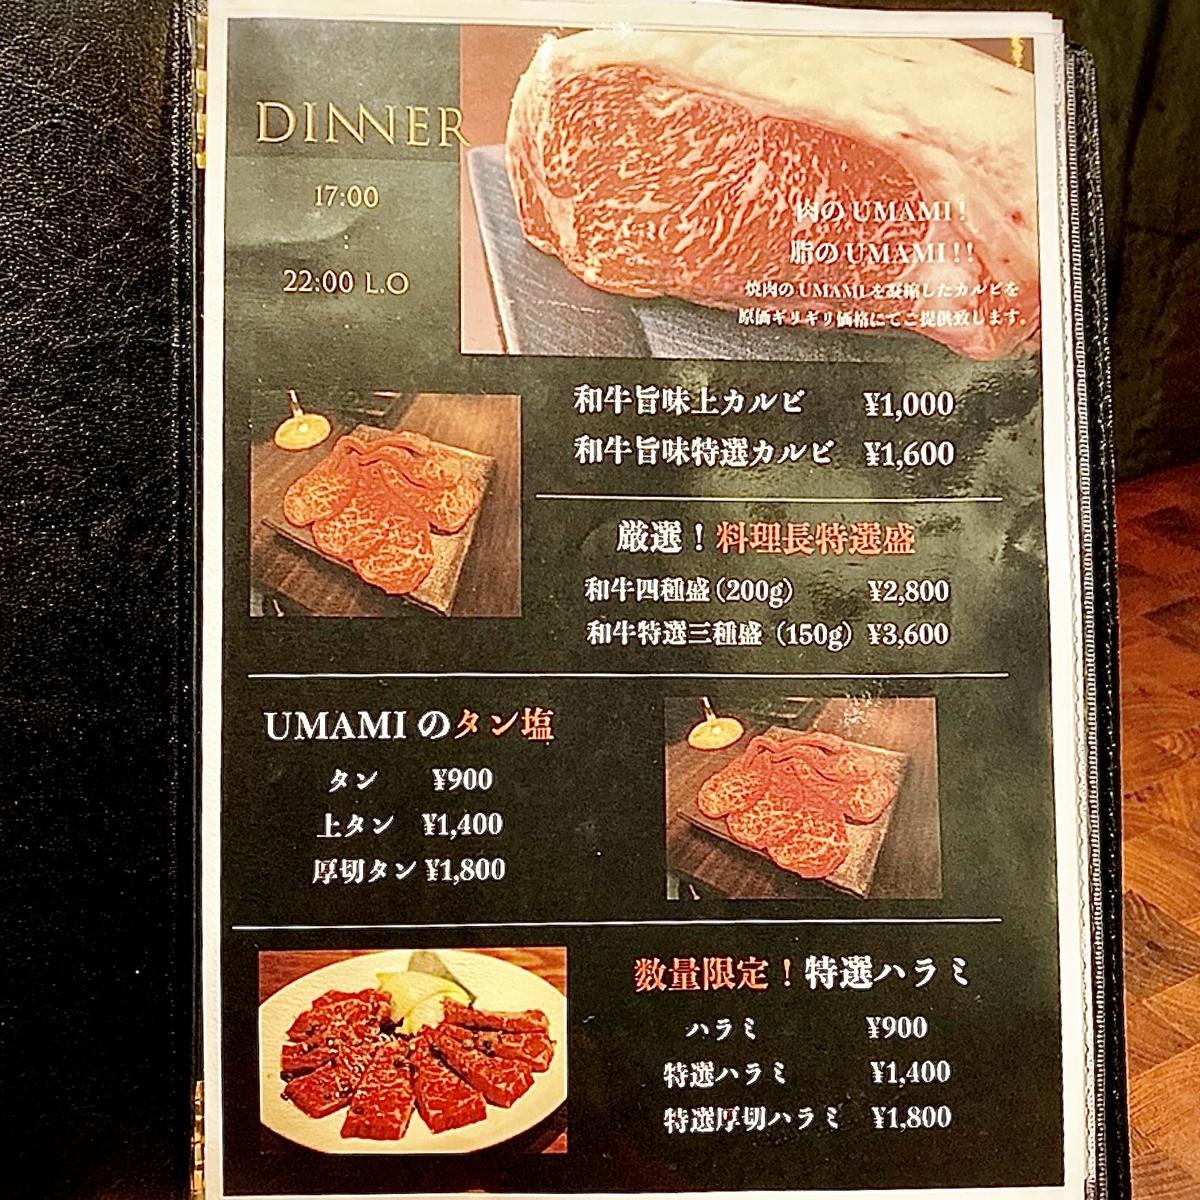 「焼肉UMAMI 飯田橋店」のメニューと値段1